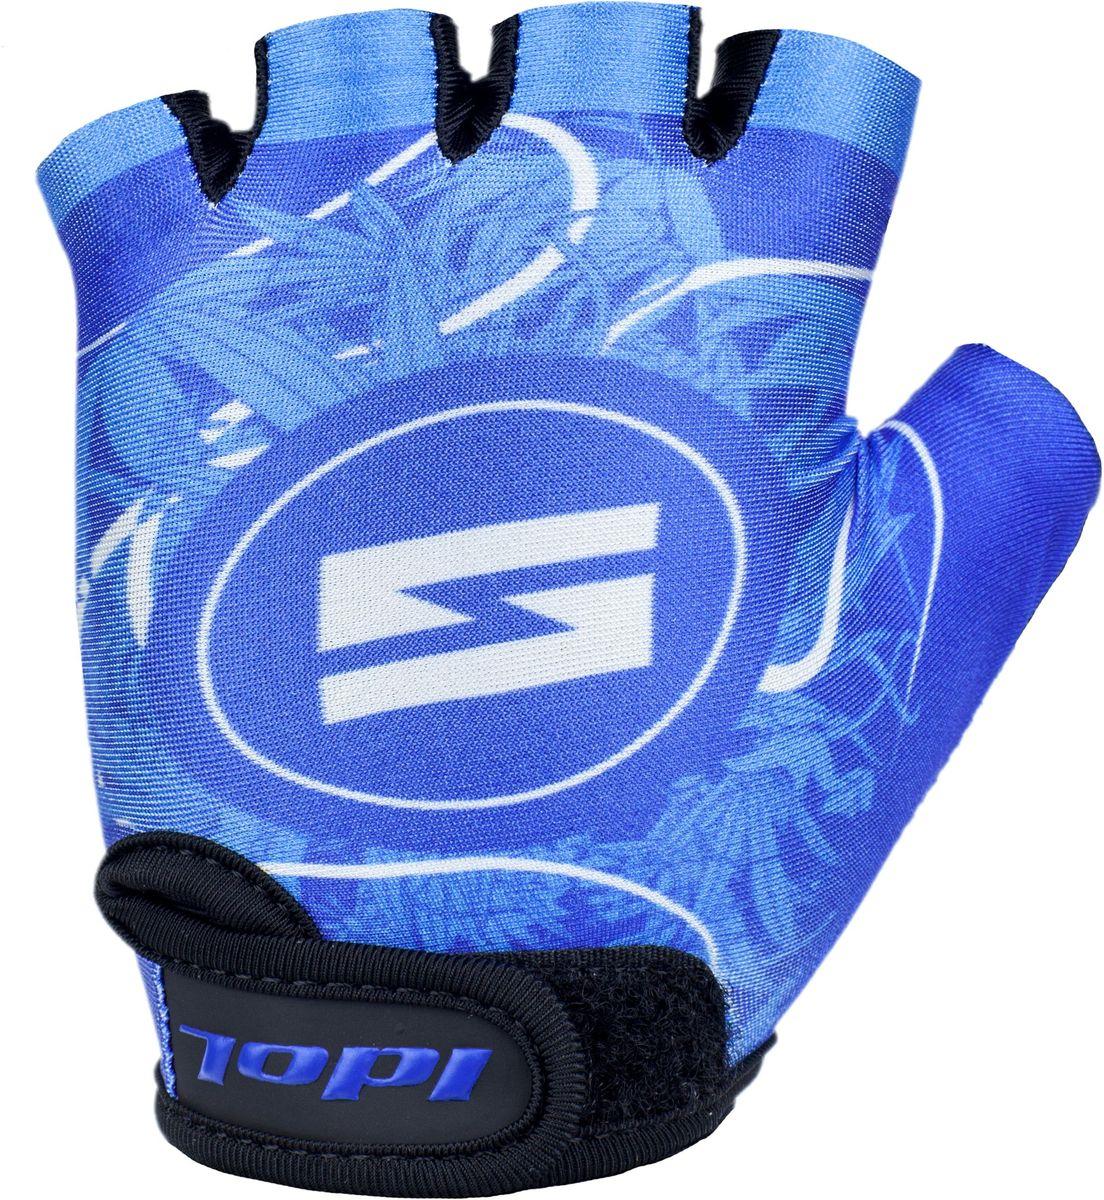 Перчатки велосипедные для мальчика Idol Guron, цвет: синий. Размер 8-13 лет2723Велосипедные перчатки подростковые для мальчиков Idol, GURON 2723 предназначены для велоспорта, велотуризма, велосипедных прогулок. Возраст 8-13 лет - Открытые пальцы - Верх: дышащая высококачественная лакра повышенной эластичности - Ладонь: синтетическая кожа Amara - Гелевая вставка на ладони - Веревочные петли для снимания - Липучка для фиксации перчатки на руке Высокое качество материалов, стильный дизайн, функциональность и прочность выделяют велоперчатки Idol среди прочих.